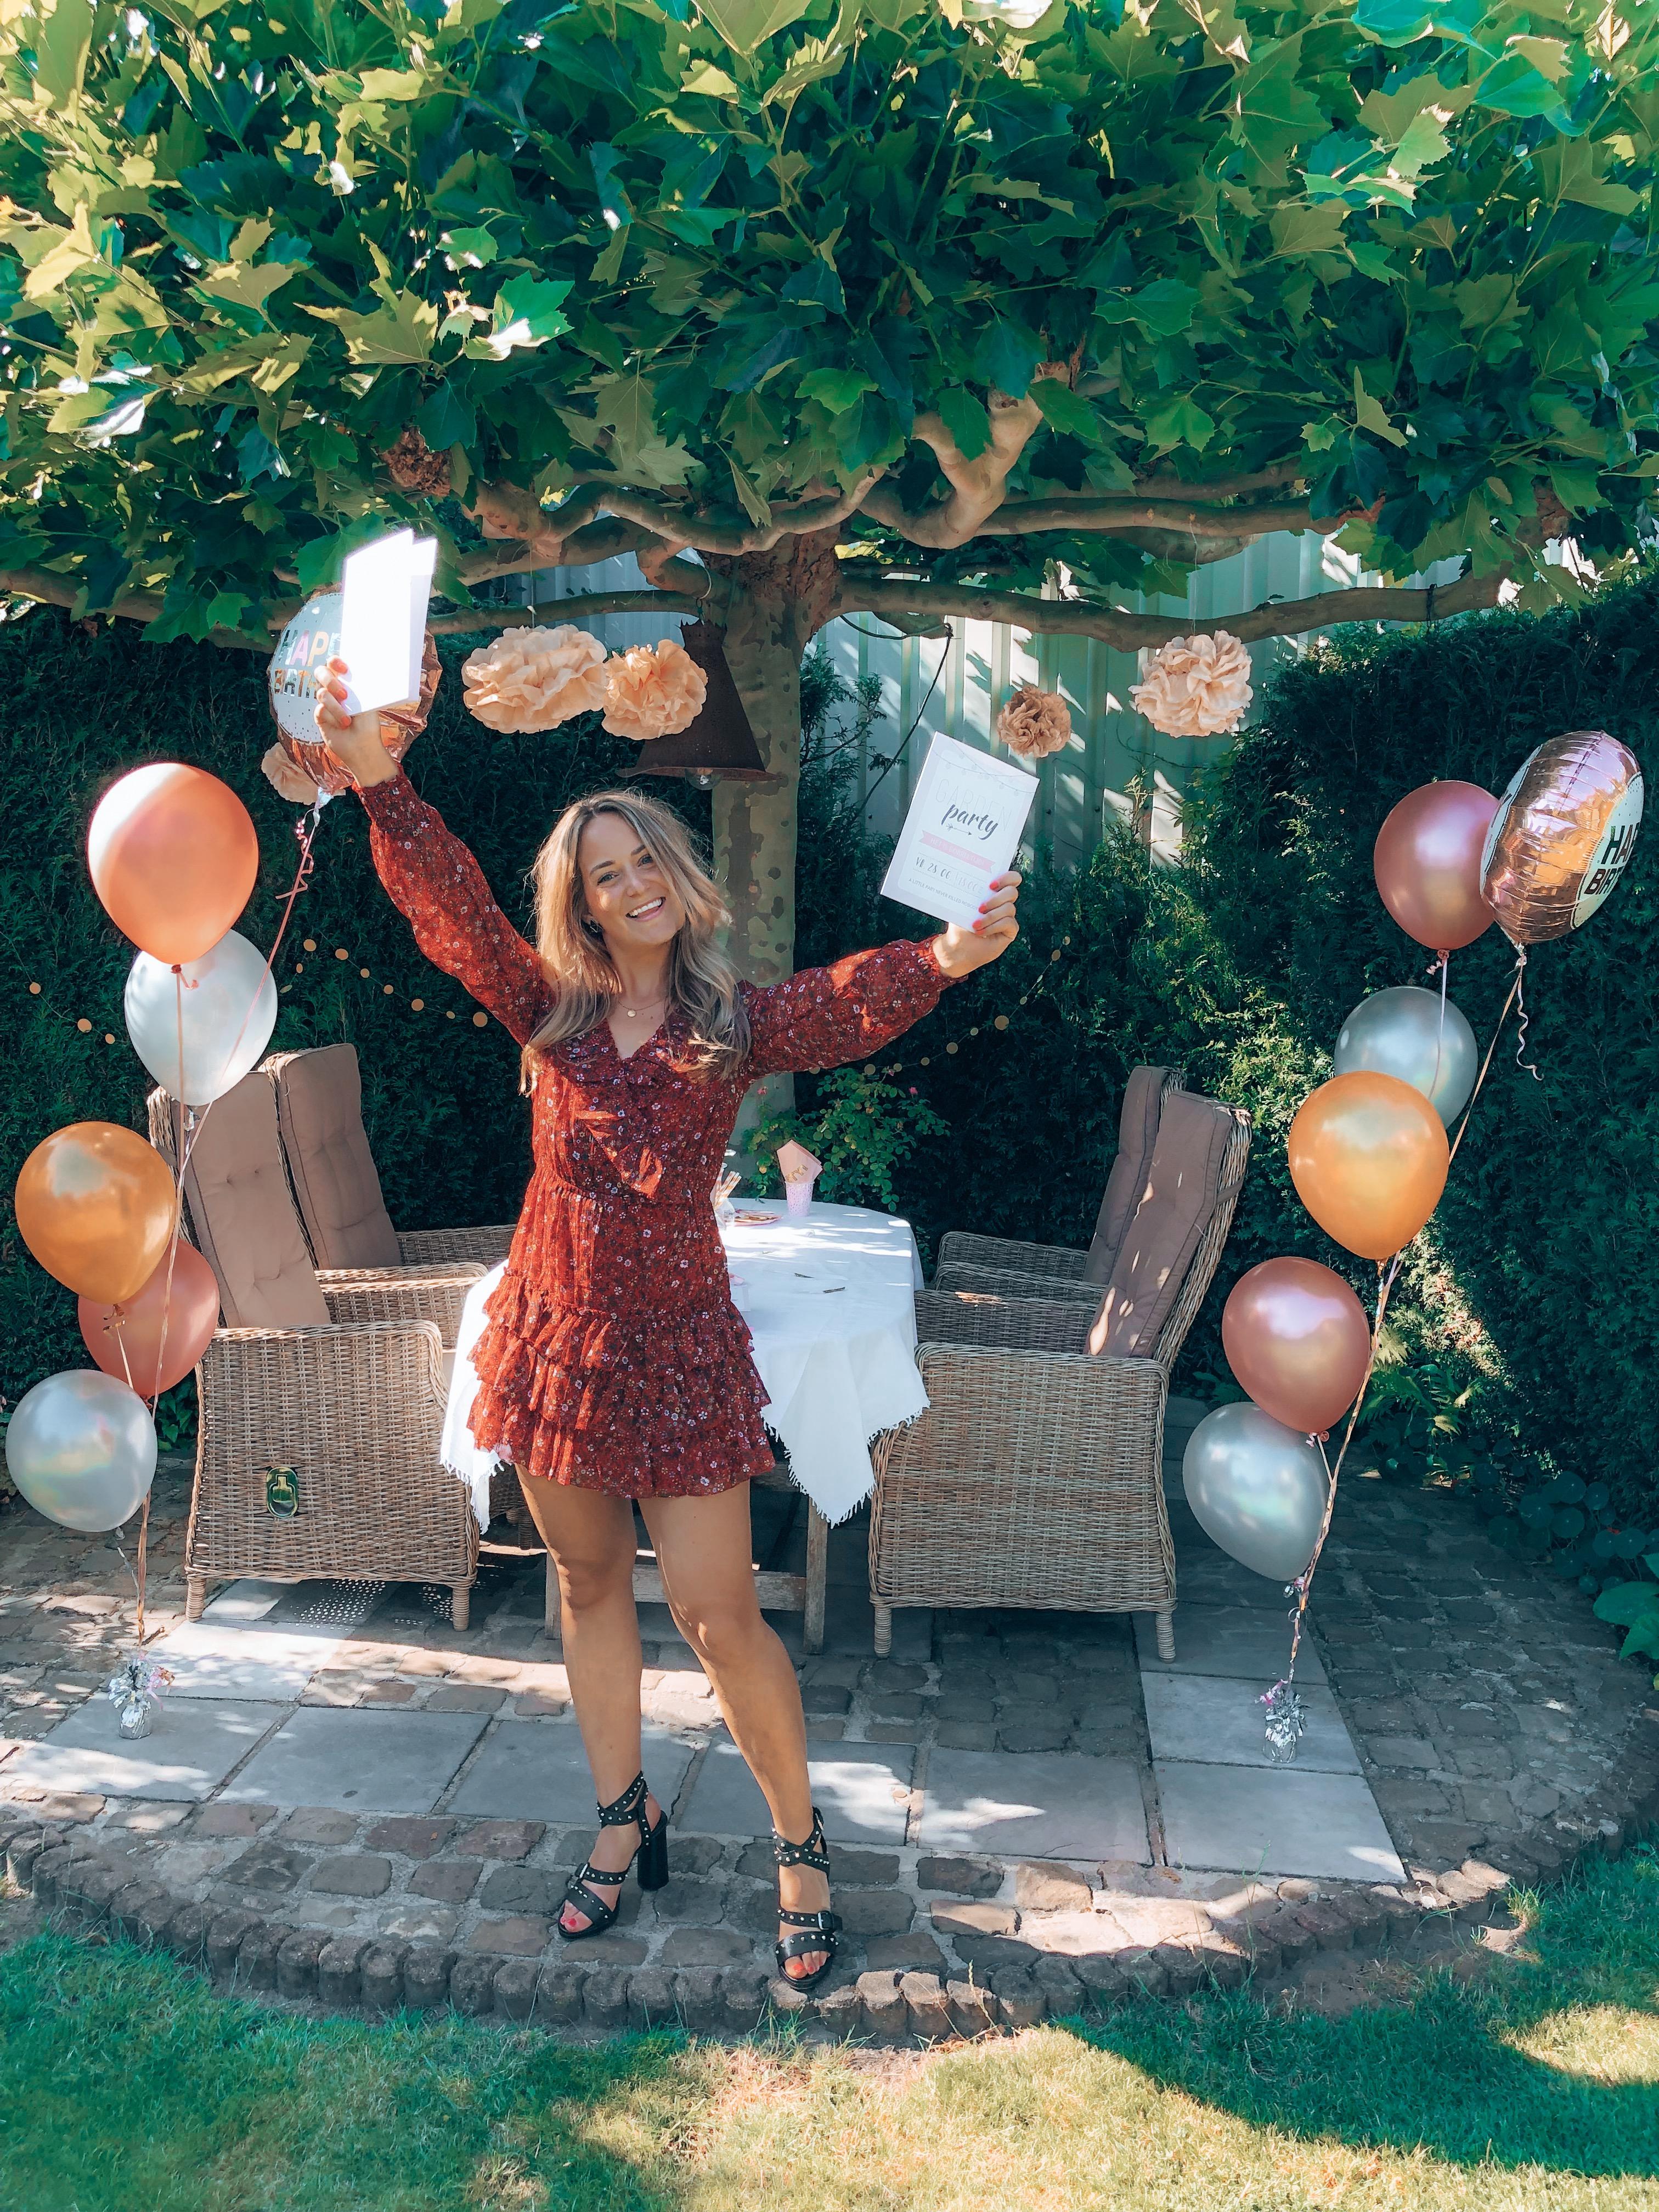 party, feestje, kaartje2go, ballonnen, versiering, uitnodiging, uitnodigingen, uitnodigingen versturen, uitnodiging maken, uitnodigingskaartjes